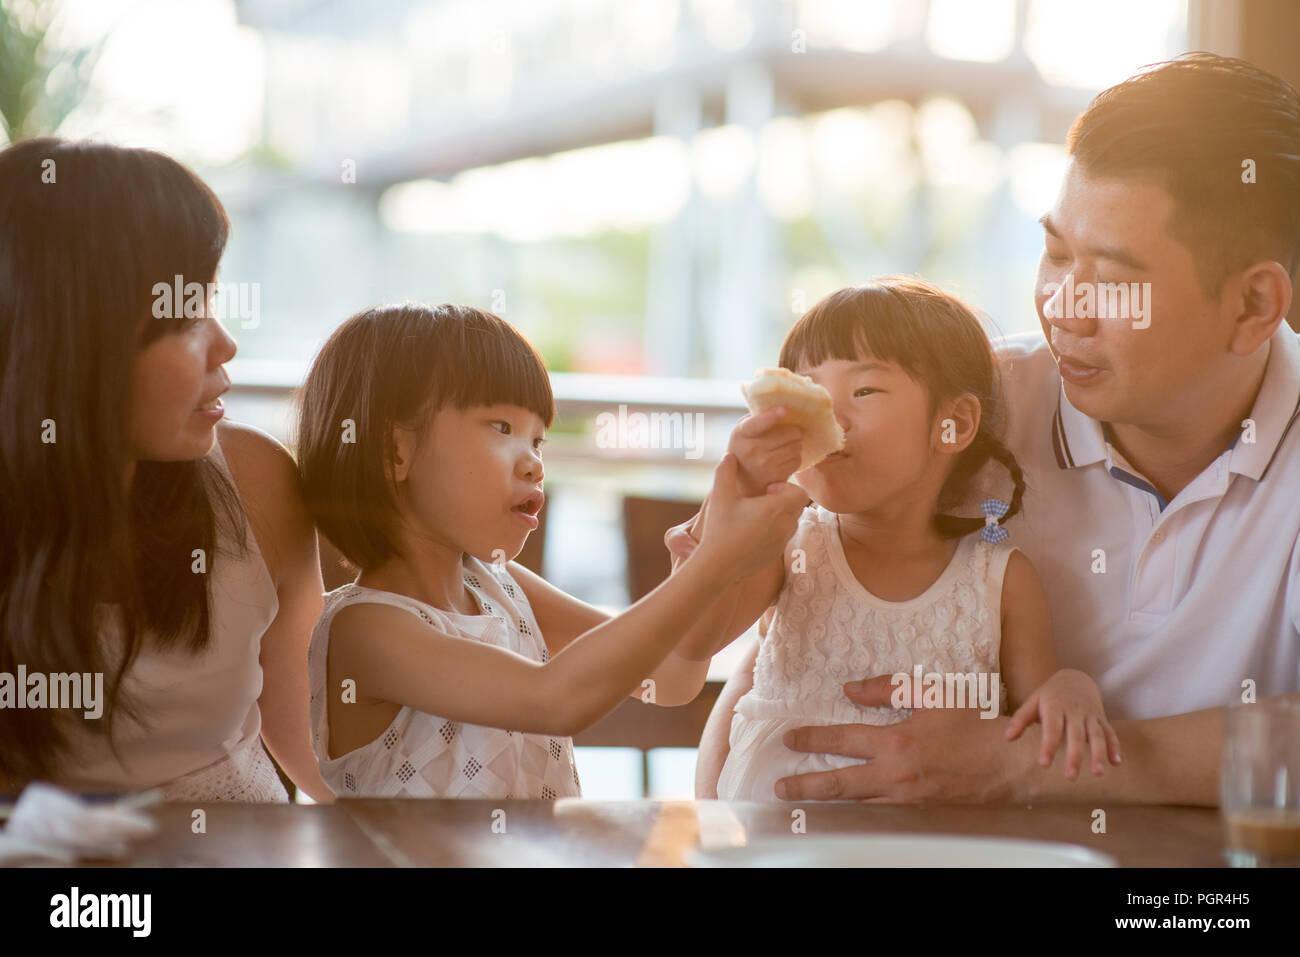 Adorables enfants alimentation et toast au beurre de partage à la cafétéria. Vie de plein air famille asiatique avec lumière naturelle. Photo Stock